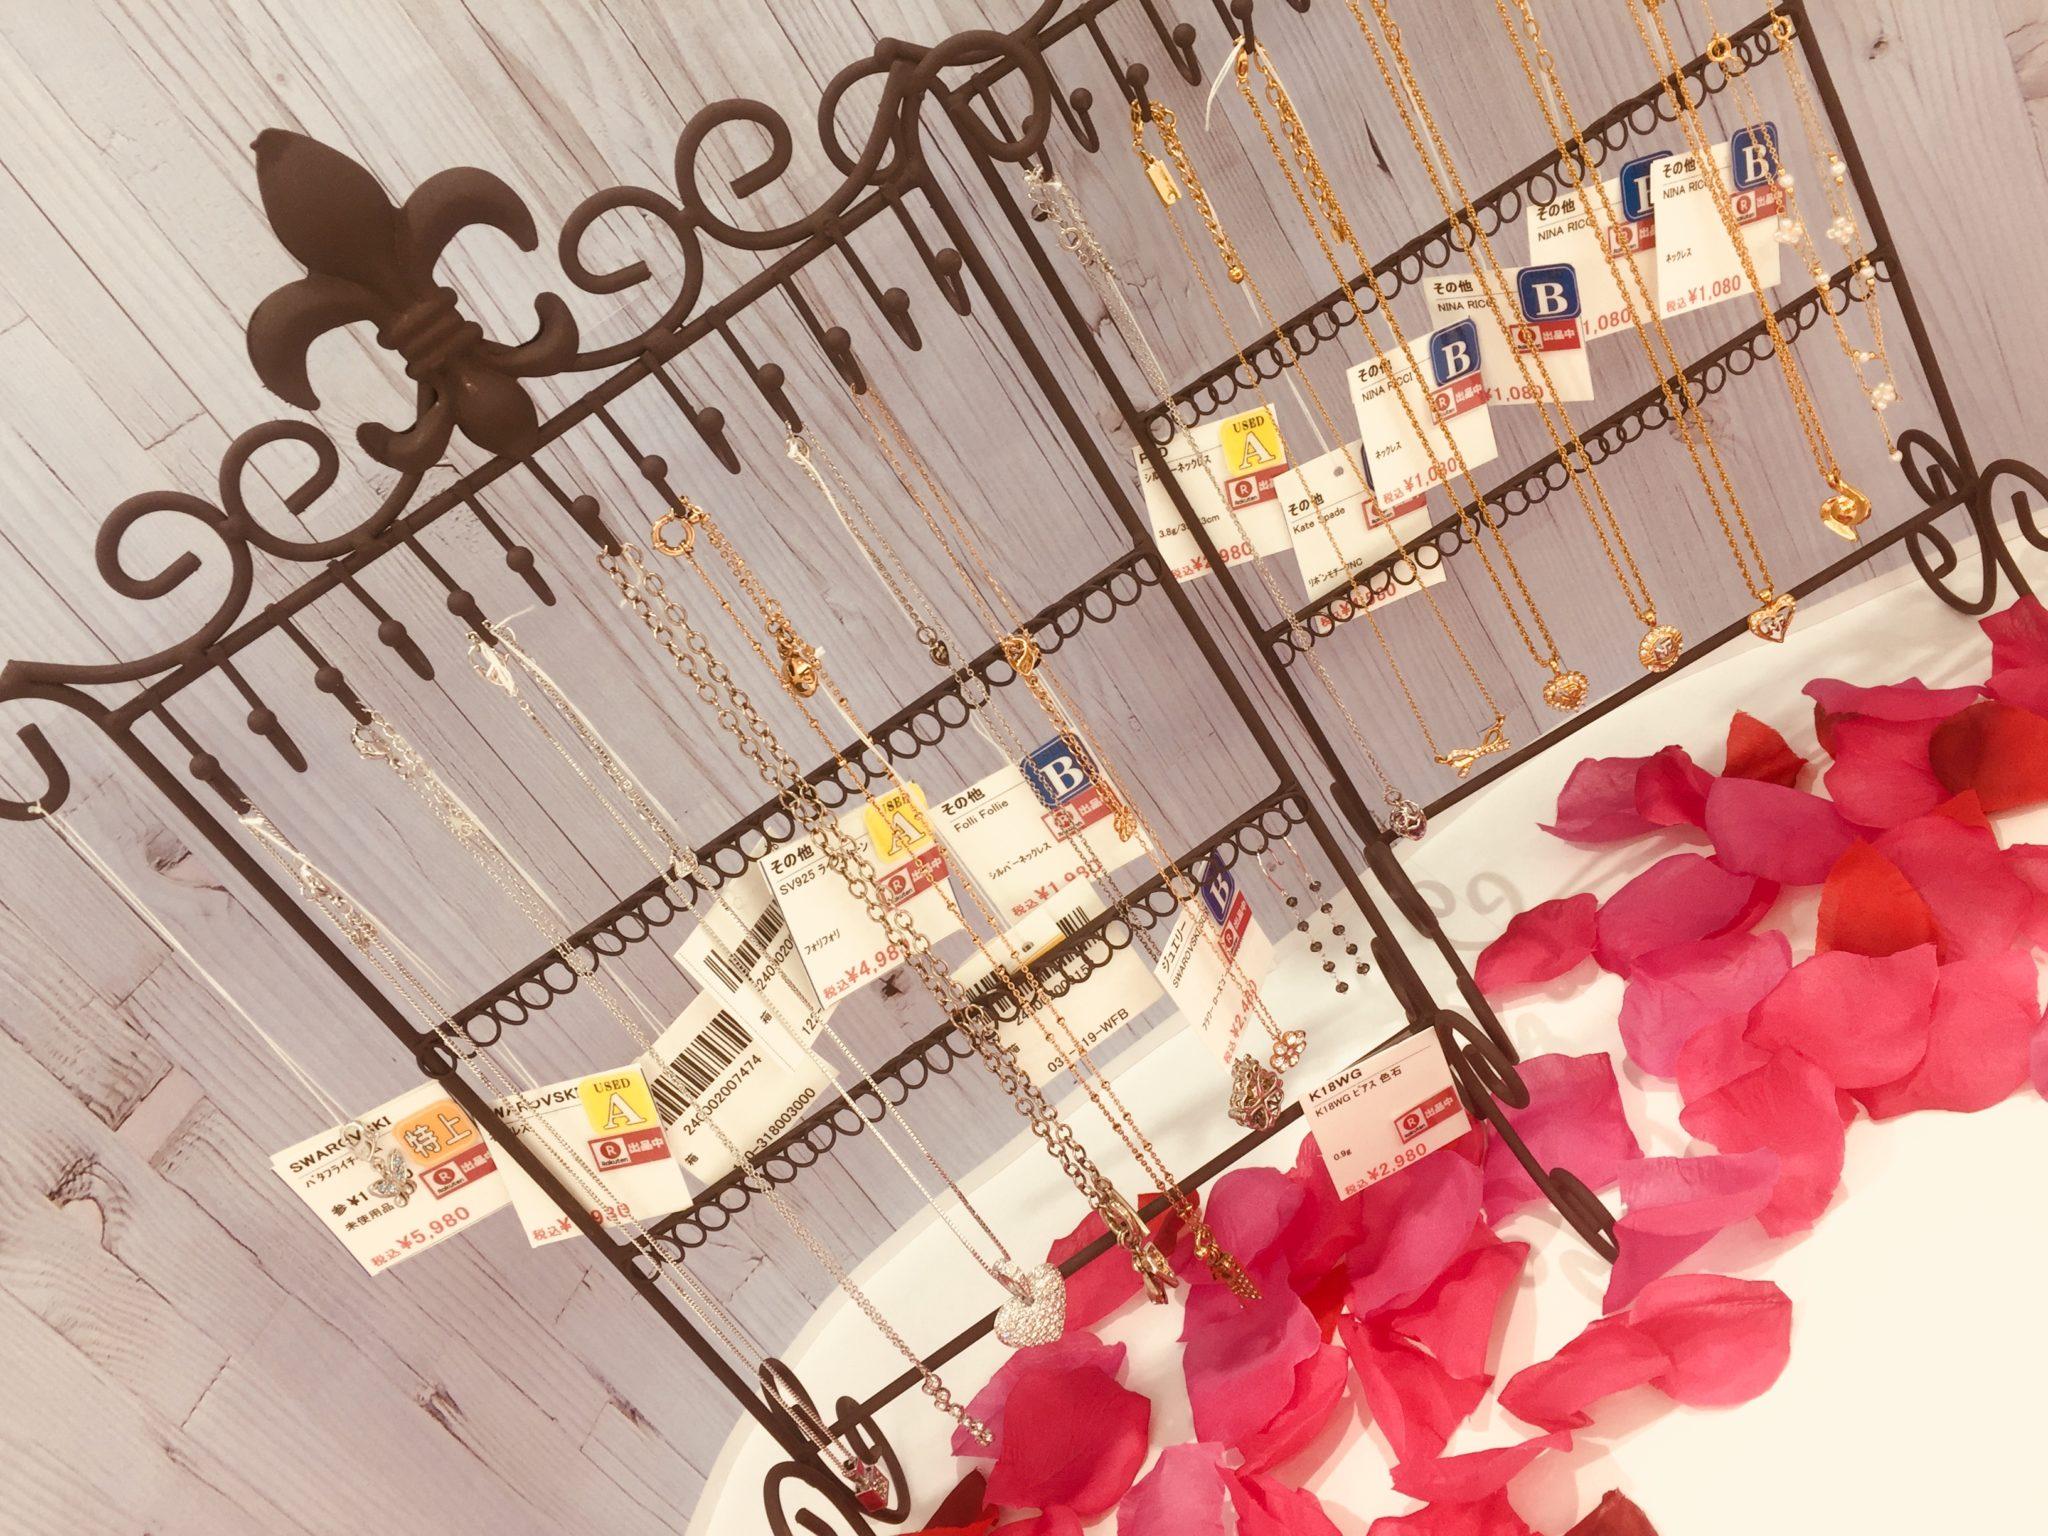 【盛岡 ジュエリー 販売】SWAROVSKI(スワロフスキー) Folli Follie(フォリフォリ) 4℃(ヨンドシー) ブランドジュエリーが¥10,000以下!!